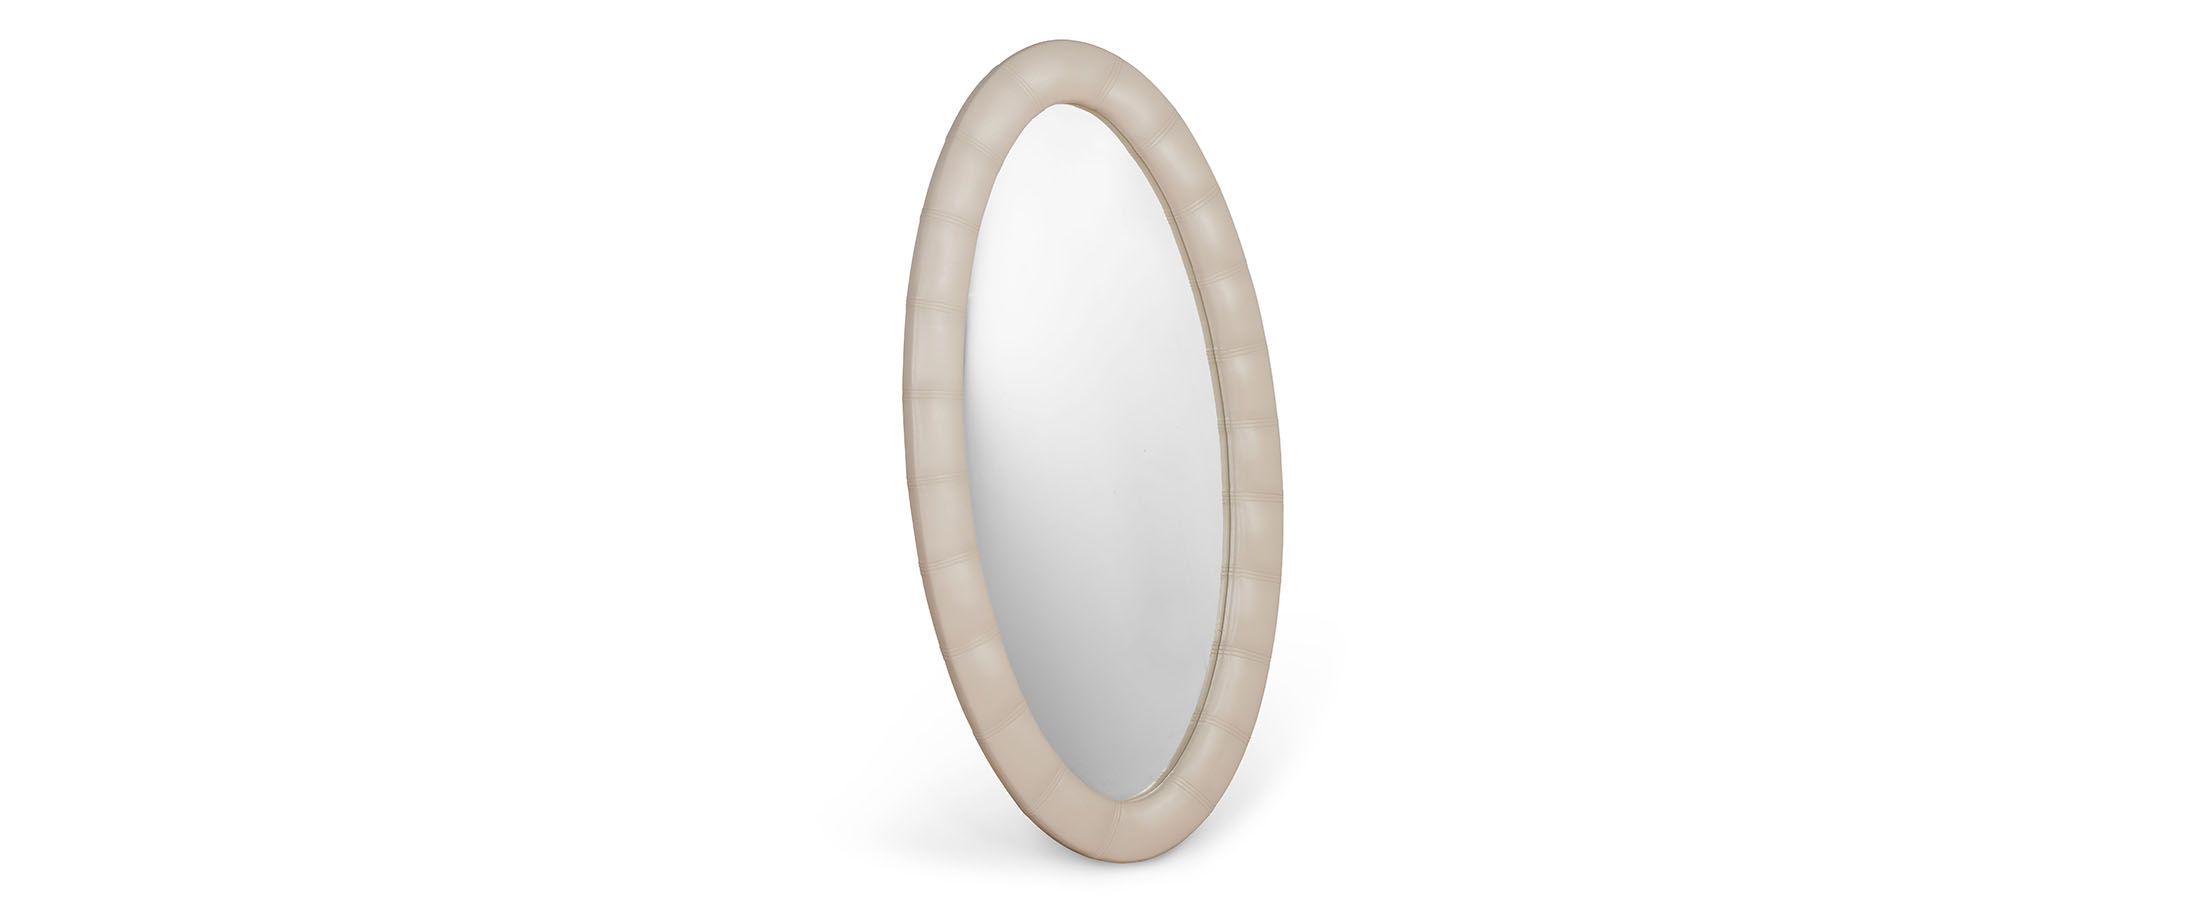 Зеркало Люнетта суфлеЗеркало навесное в спальню. Обивка из экокожи. Артикул: К000452<br><br>Ширина см: 75<br>Глубина см: 4<br>Высота см: 136<br>Цвет: Бежевый